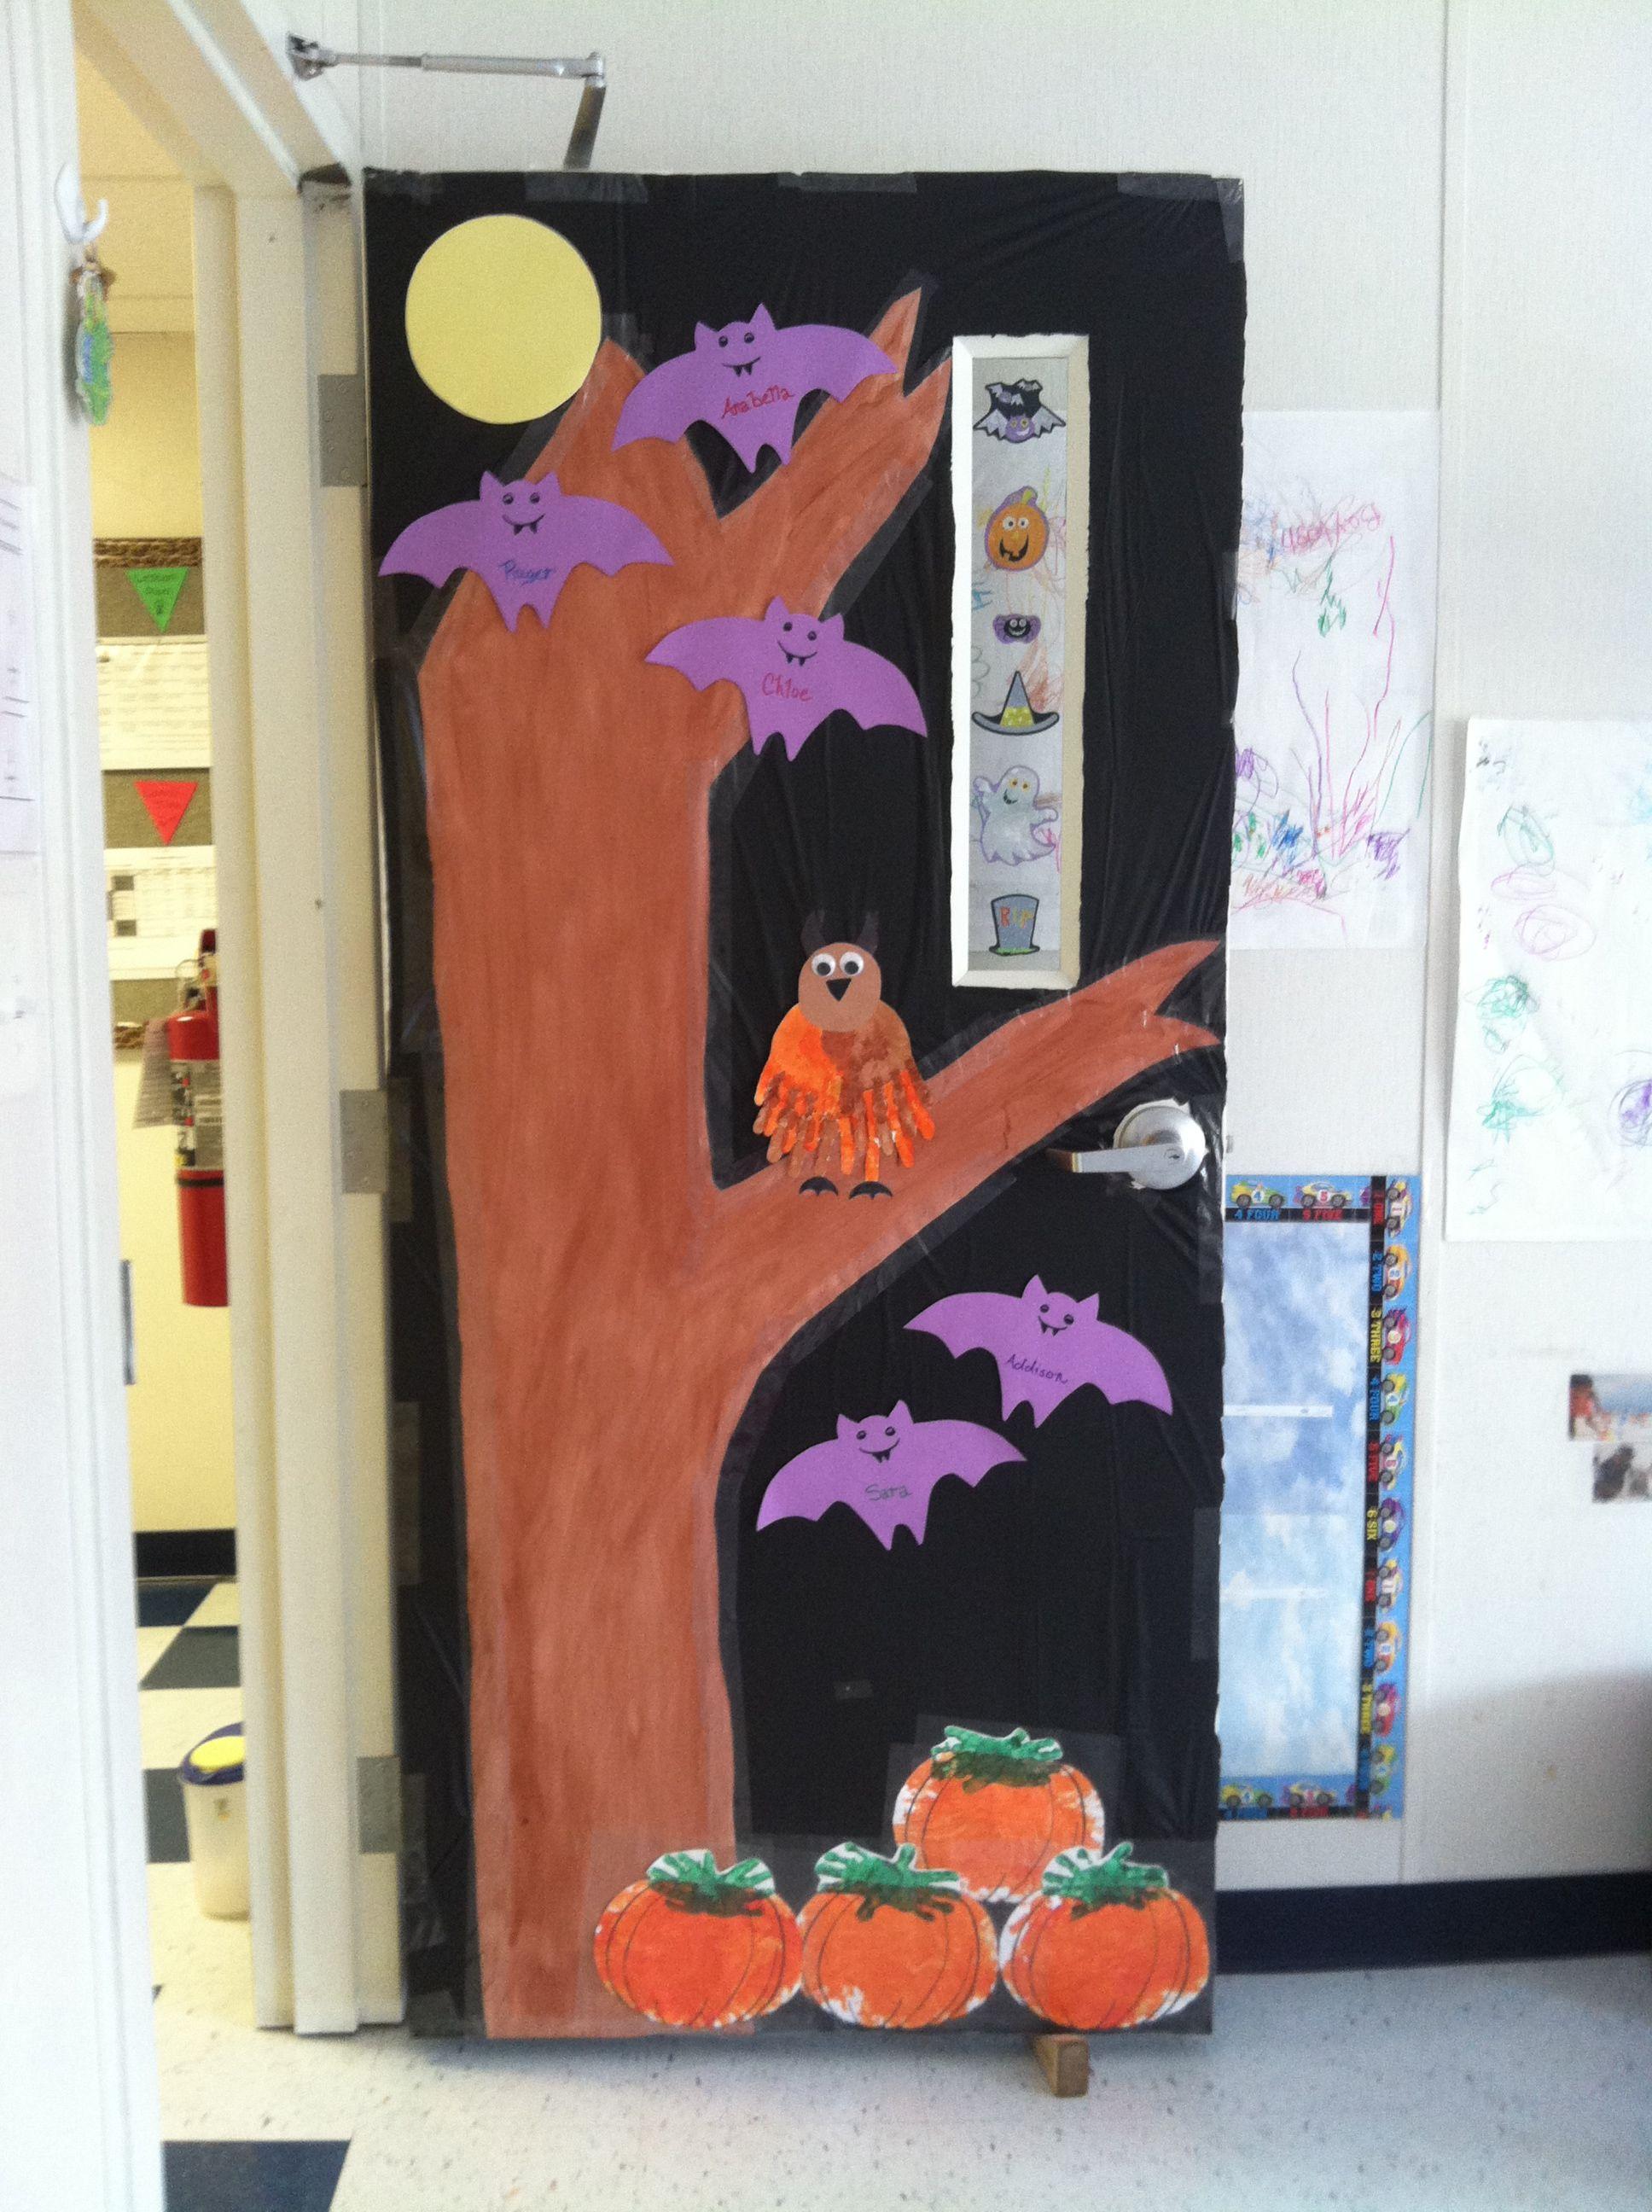 Halloween  Preschool door decorating ideas  Pinterest